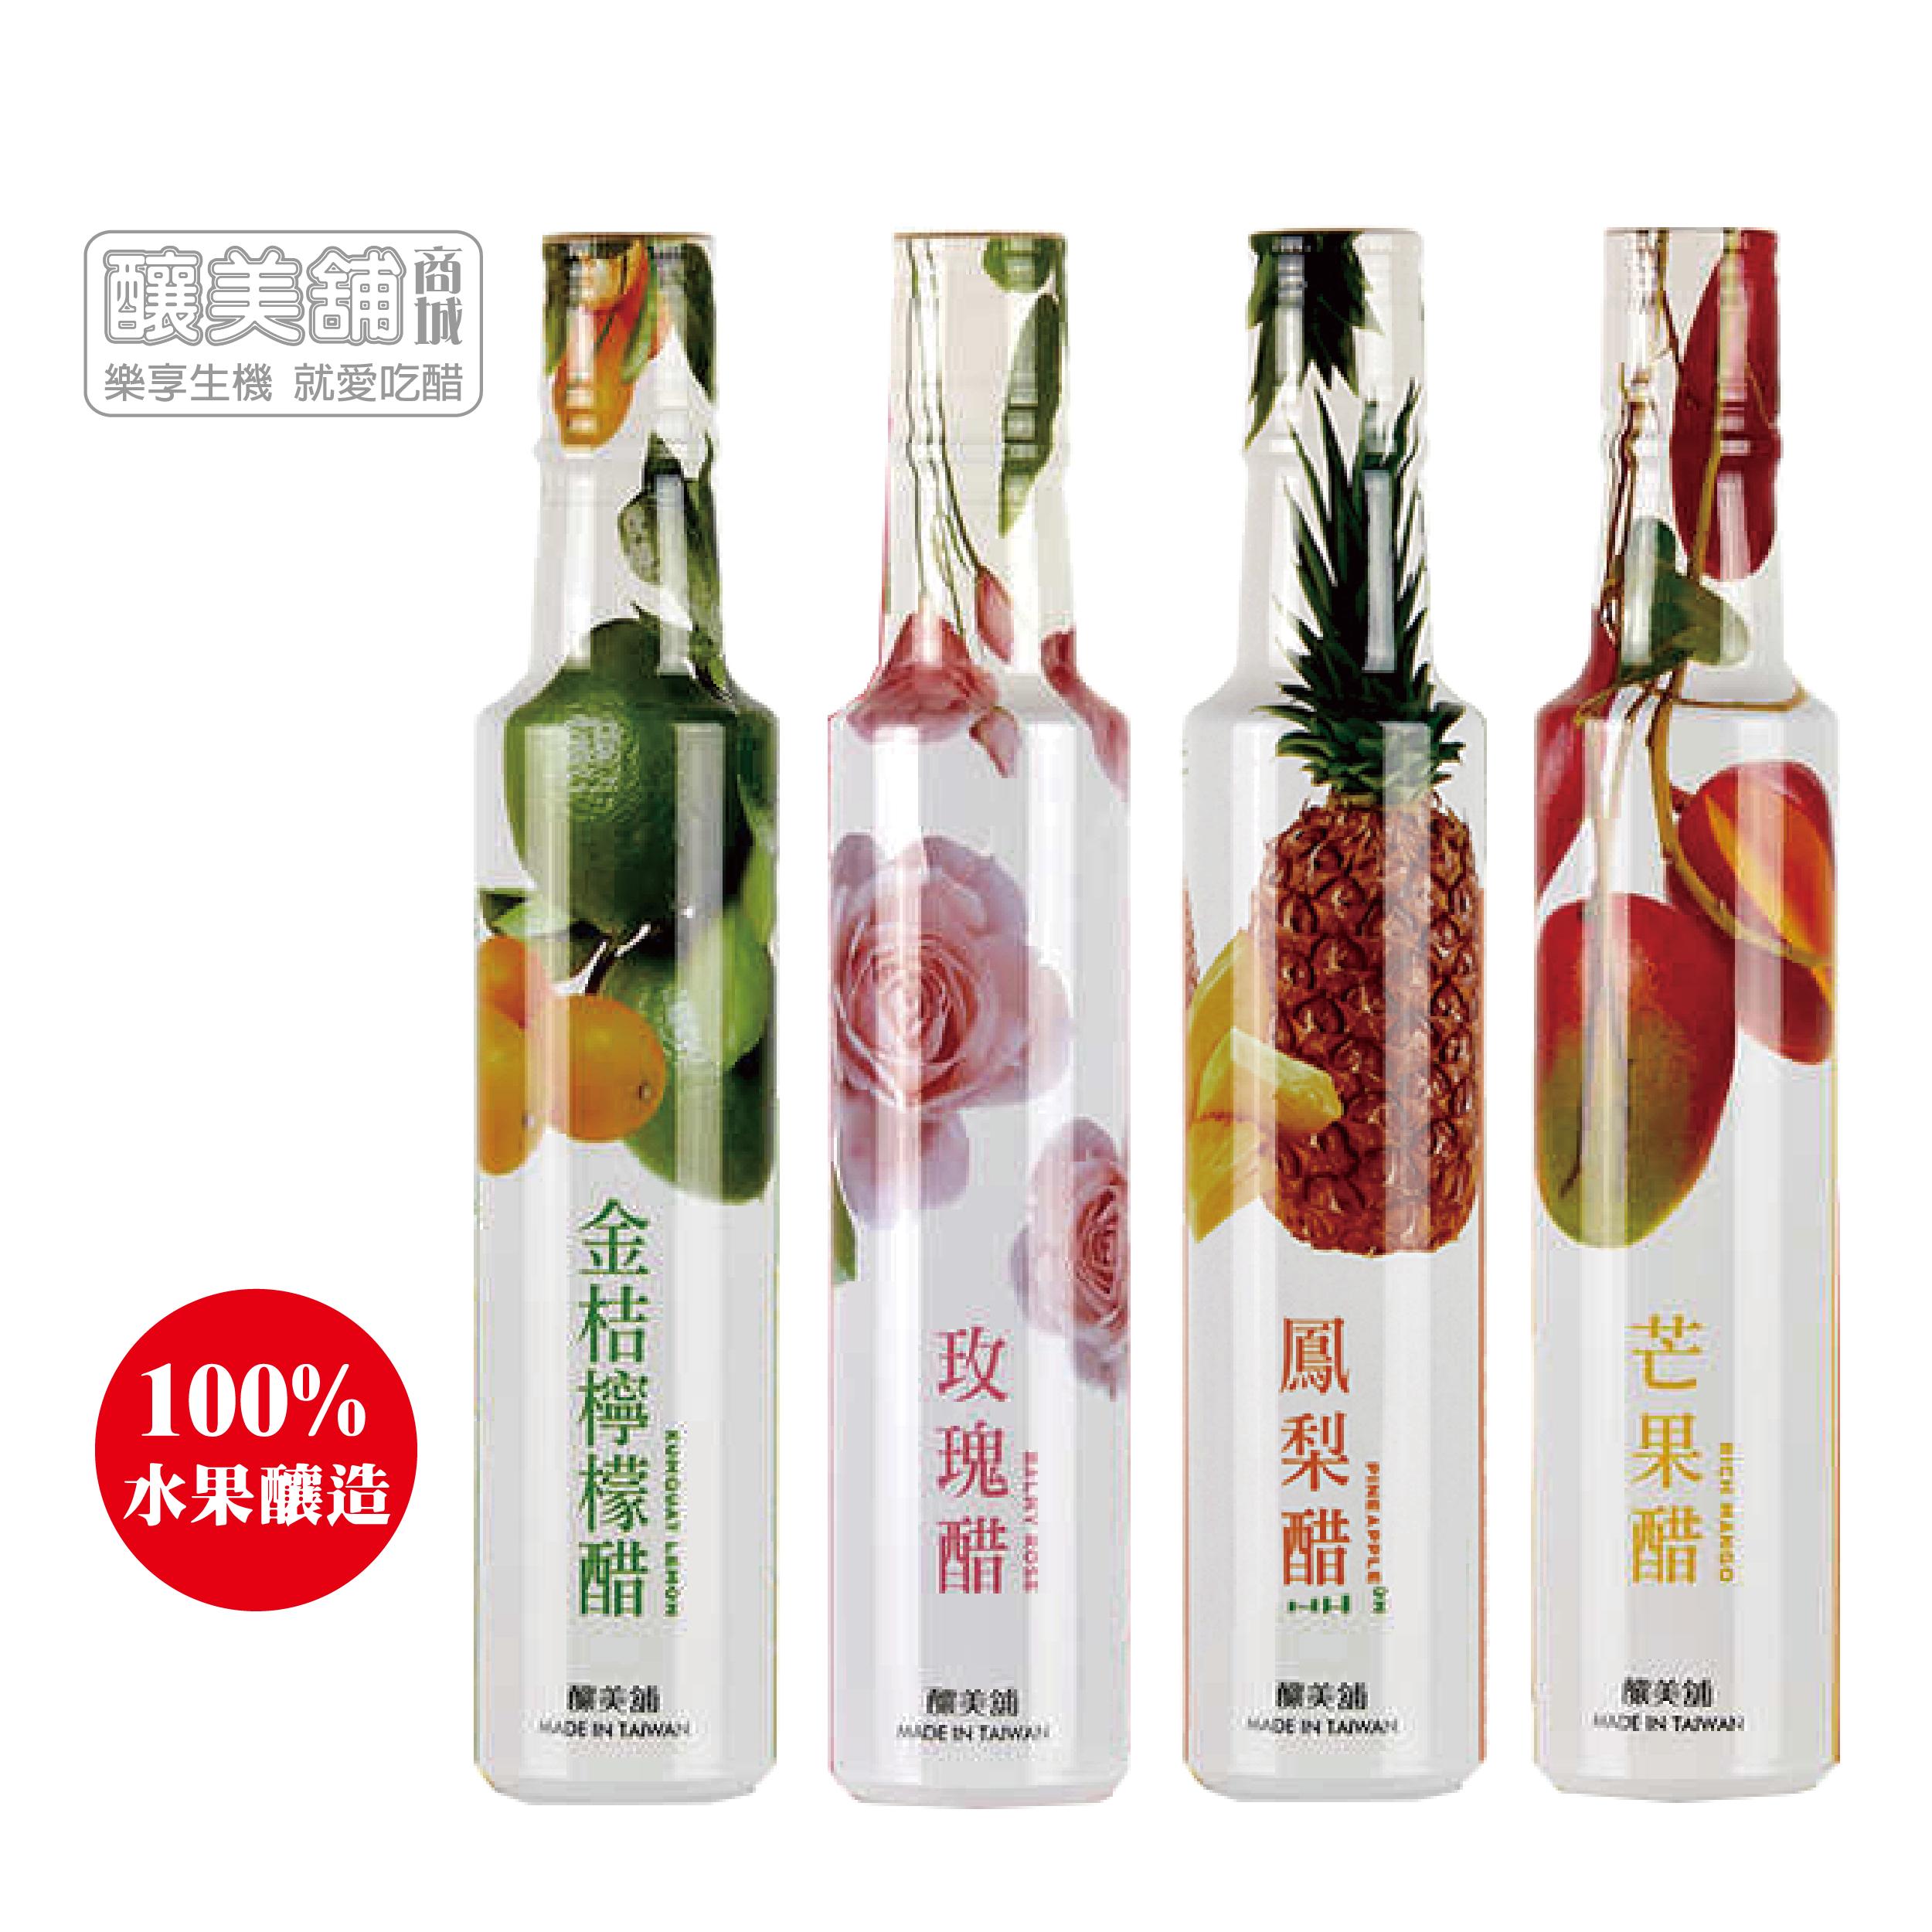 【釀美舖】金桔檸檬醋(100%純果釀) 3